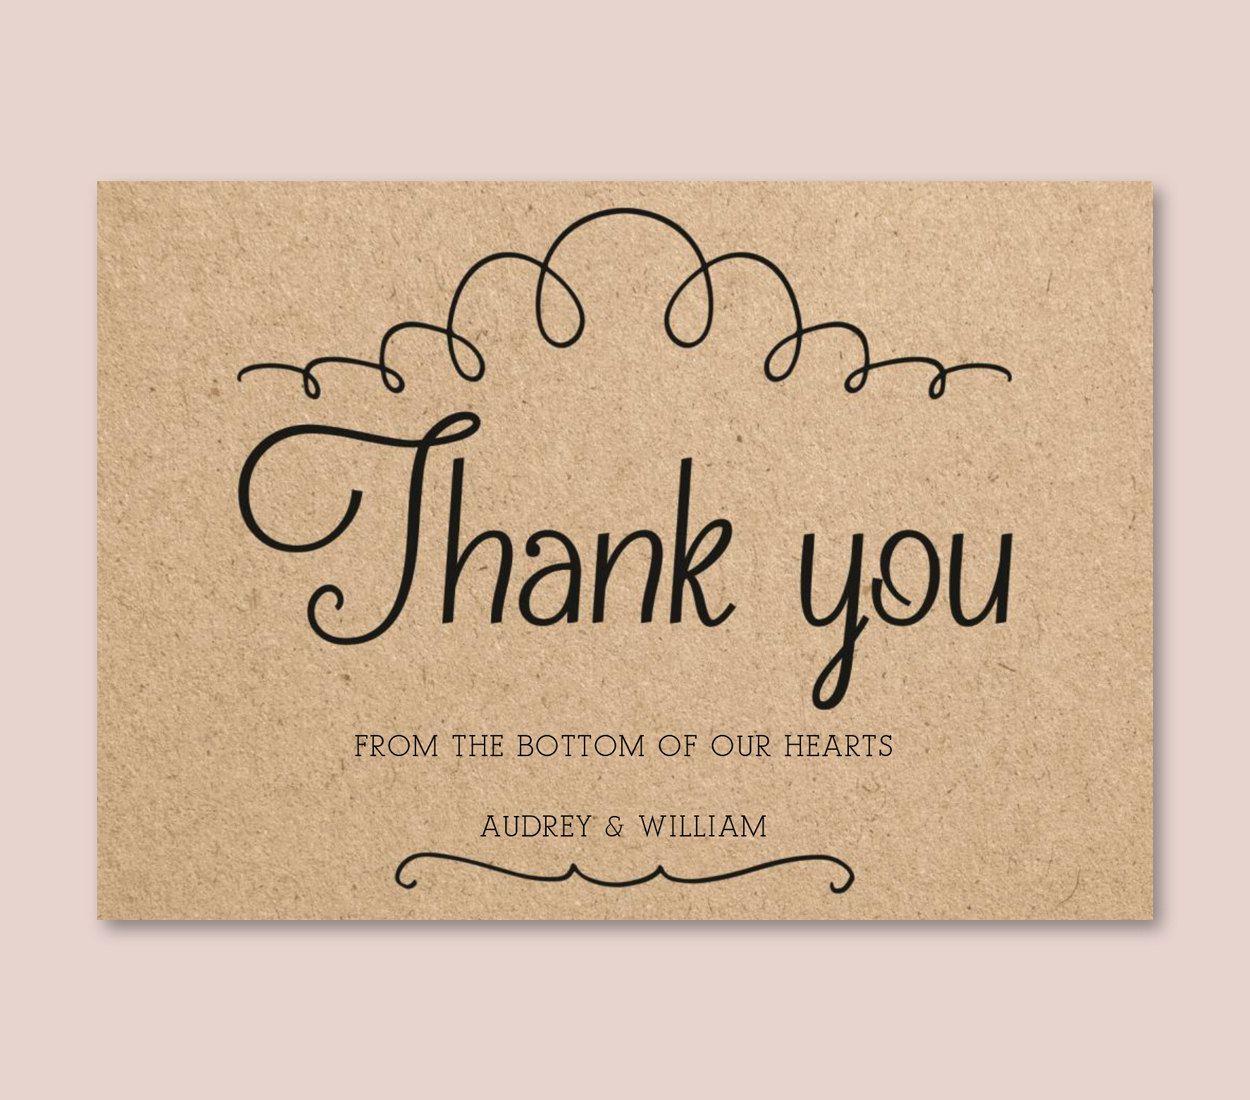 Danksagung Hochzeit Italienisch Danksagung Nach Hochzeit Text Dankeskarten Hochzeit Was Sch In 2020 Thank You Card Template Card Template Printable Wedding Invitations